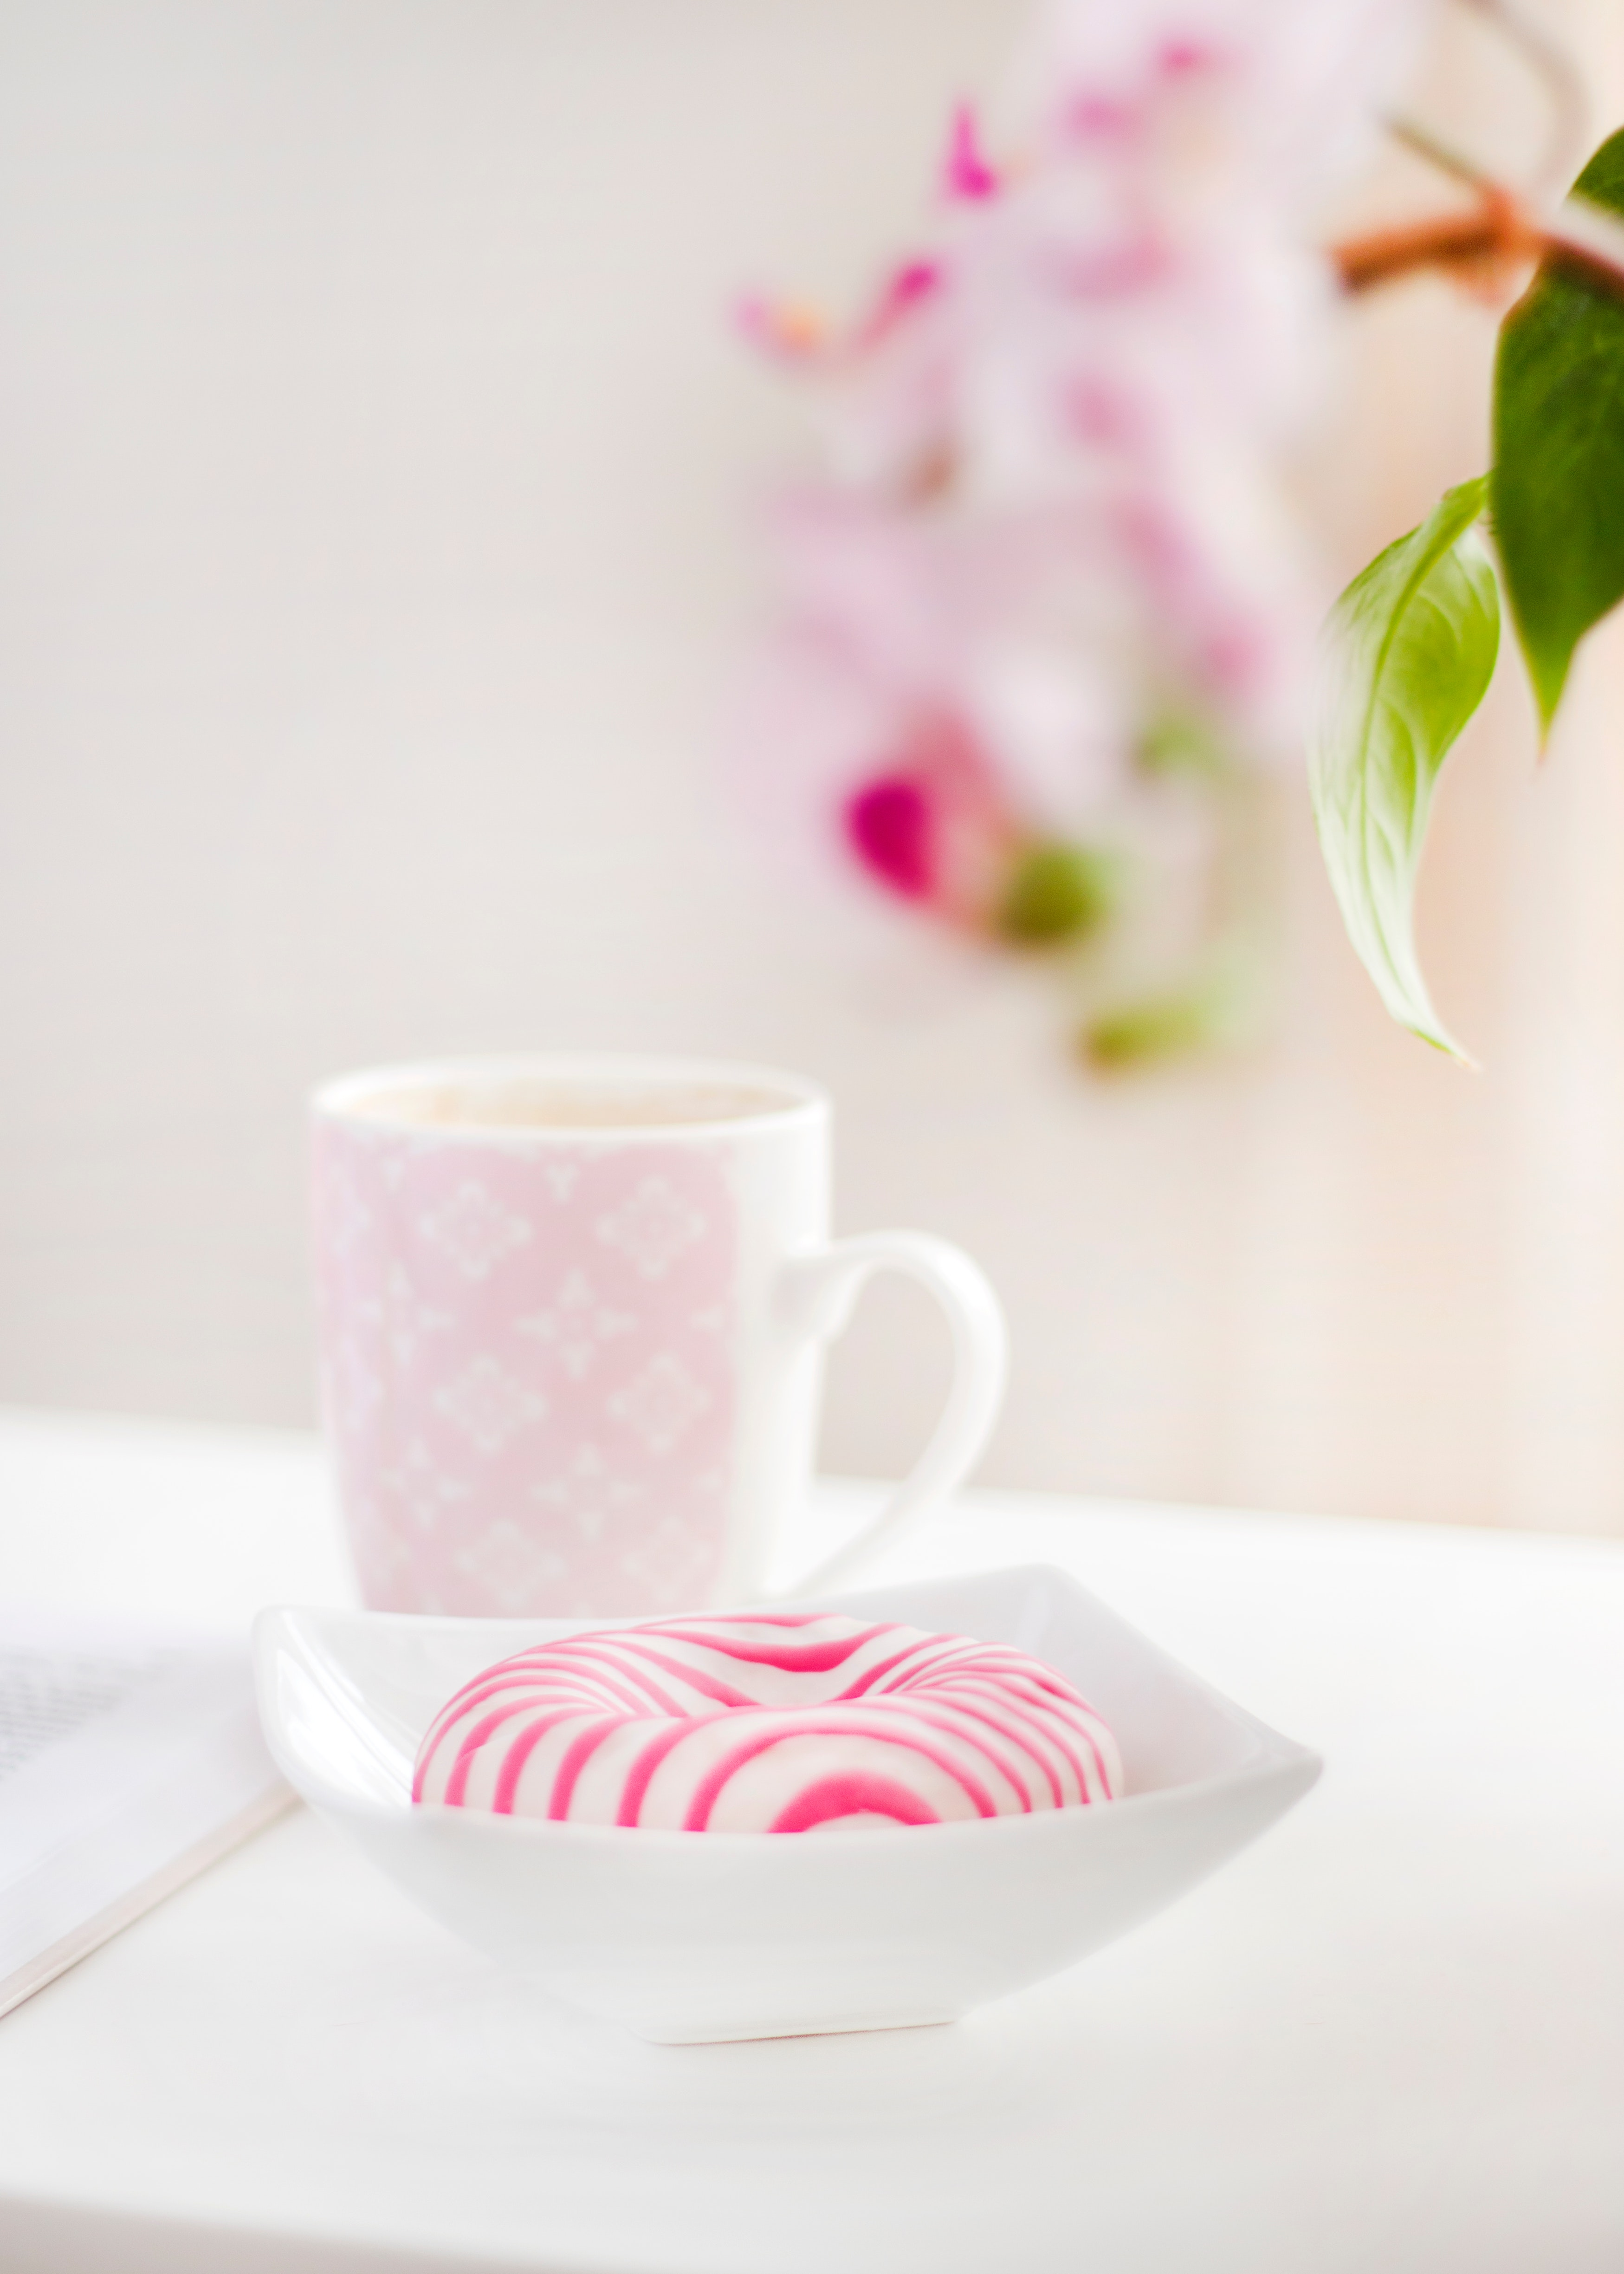 White and pink ceramic mug photo